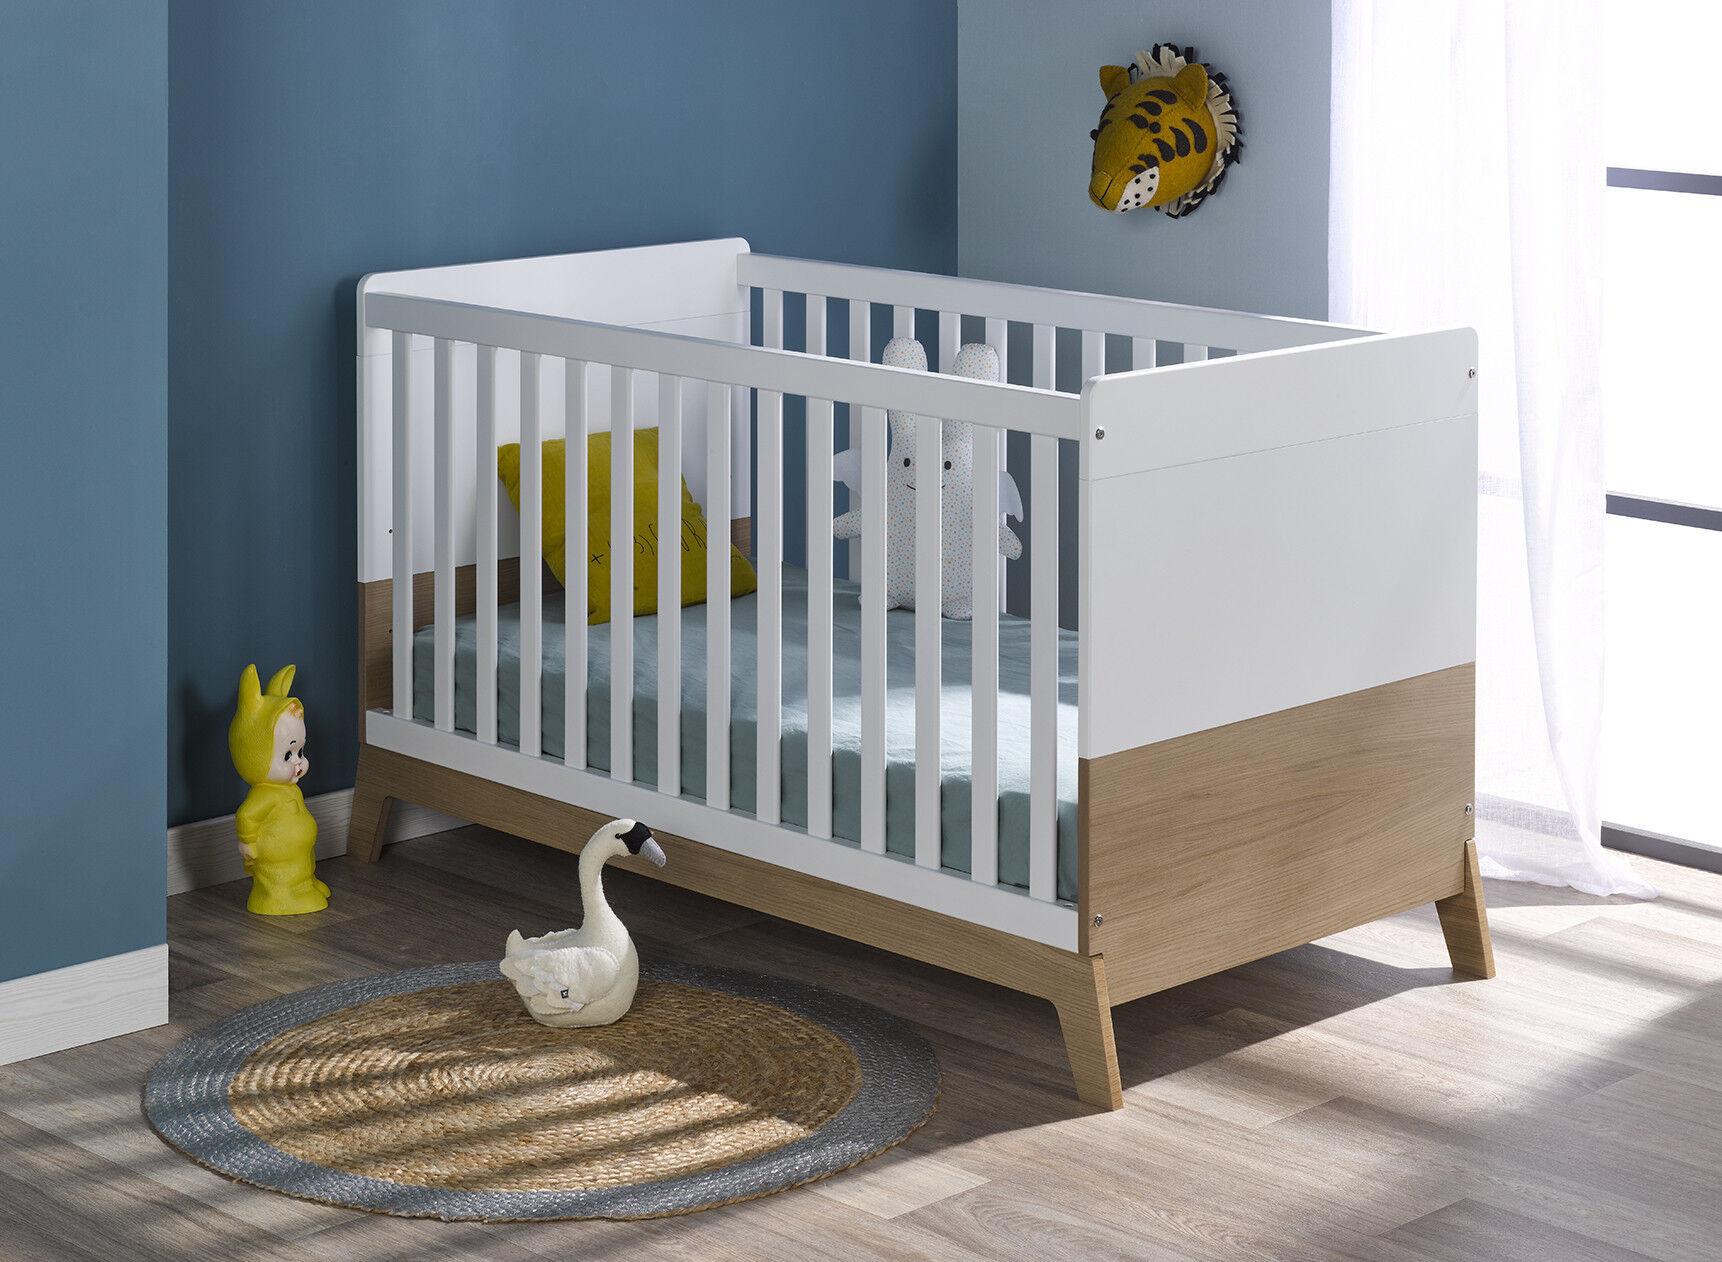 Nateo Concept Lit bébé évolutif EKKO – Blanc/Chêne